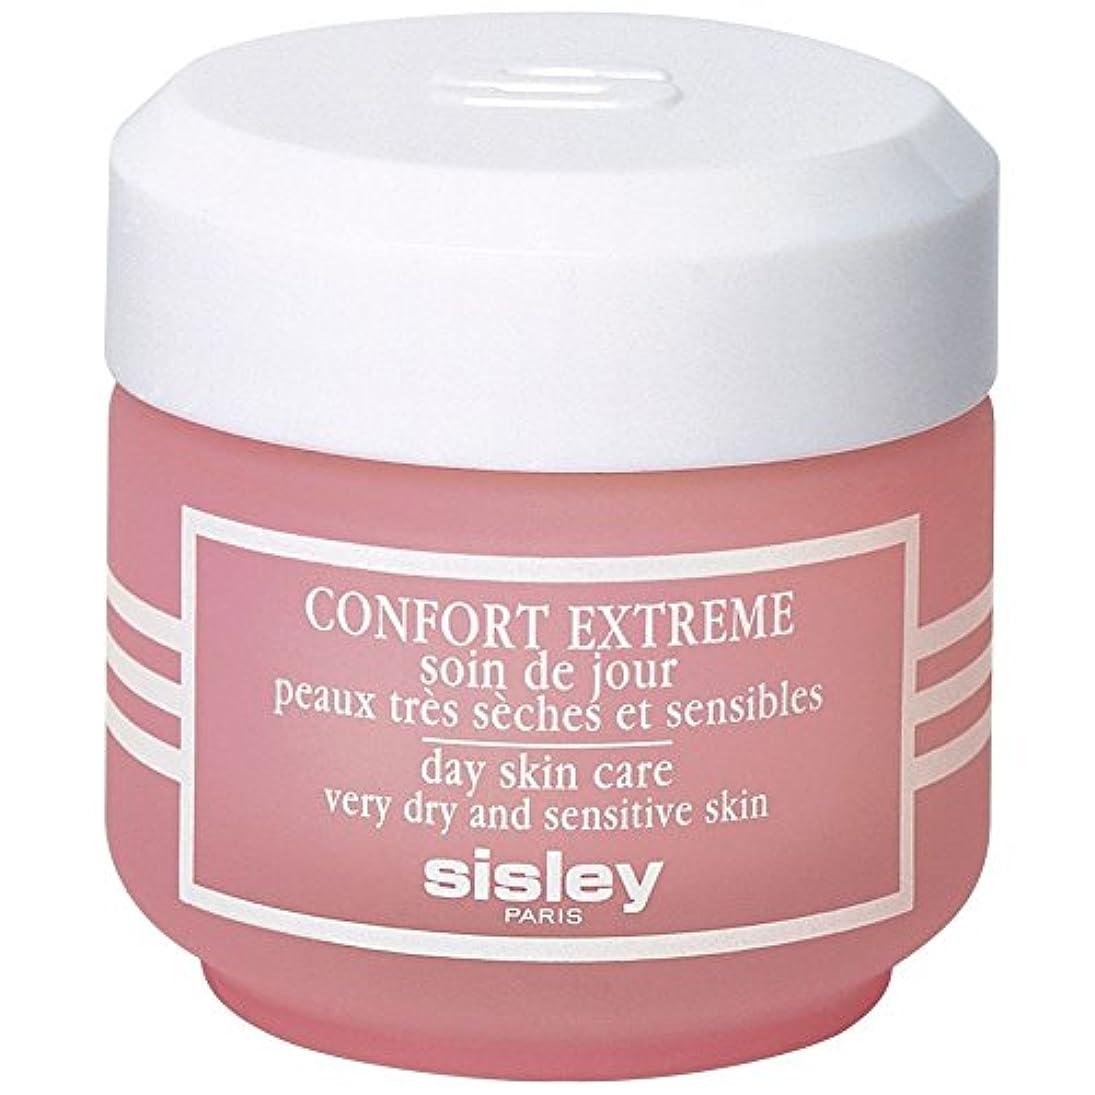 ファイター学校の先生トロピカル[Sisley] シスレー快適極端日のスキンケア、50ミリリットル - Sisley Confort Extr?me Day Skin Care, 50ml [並行輸入品]